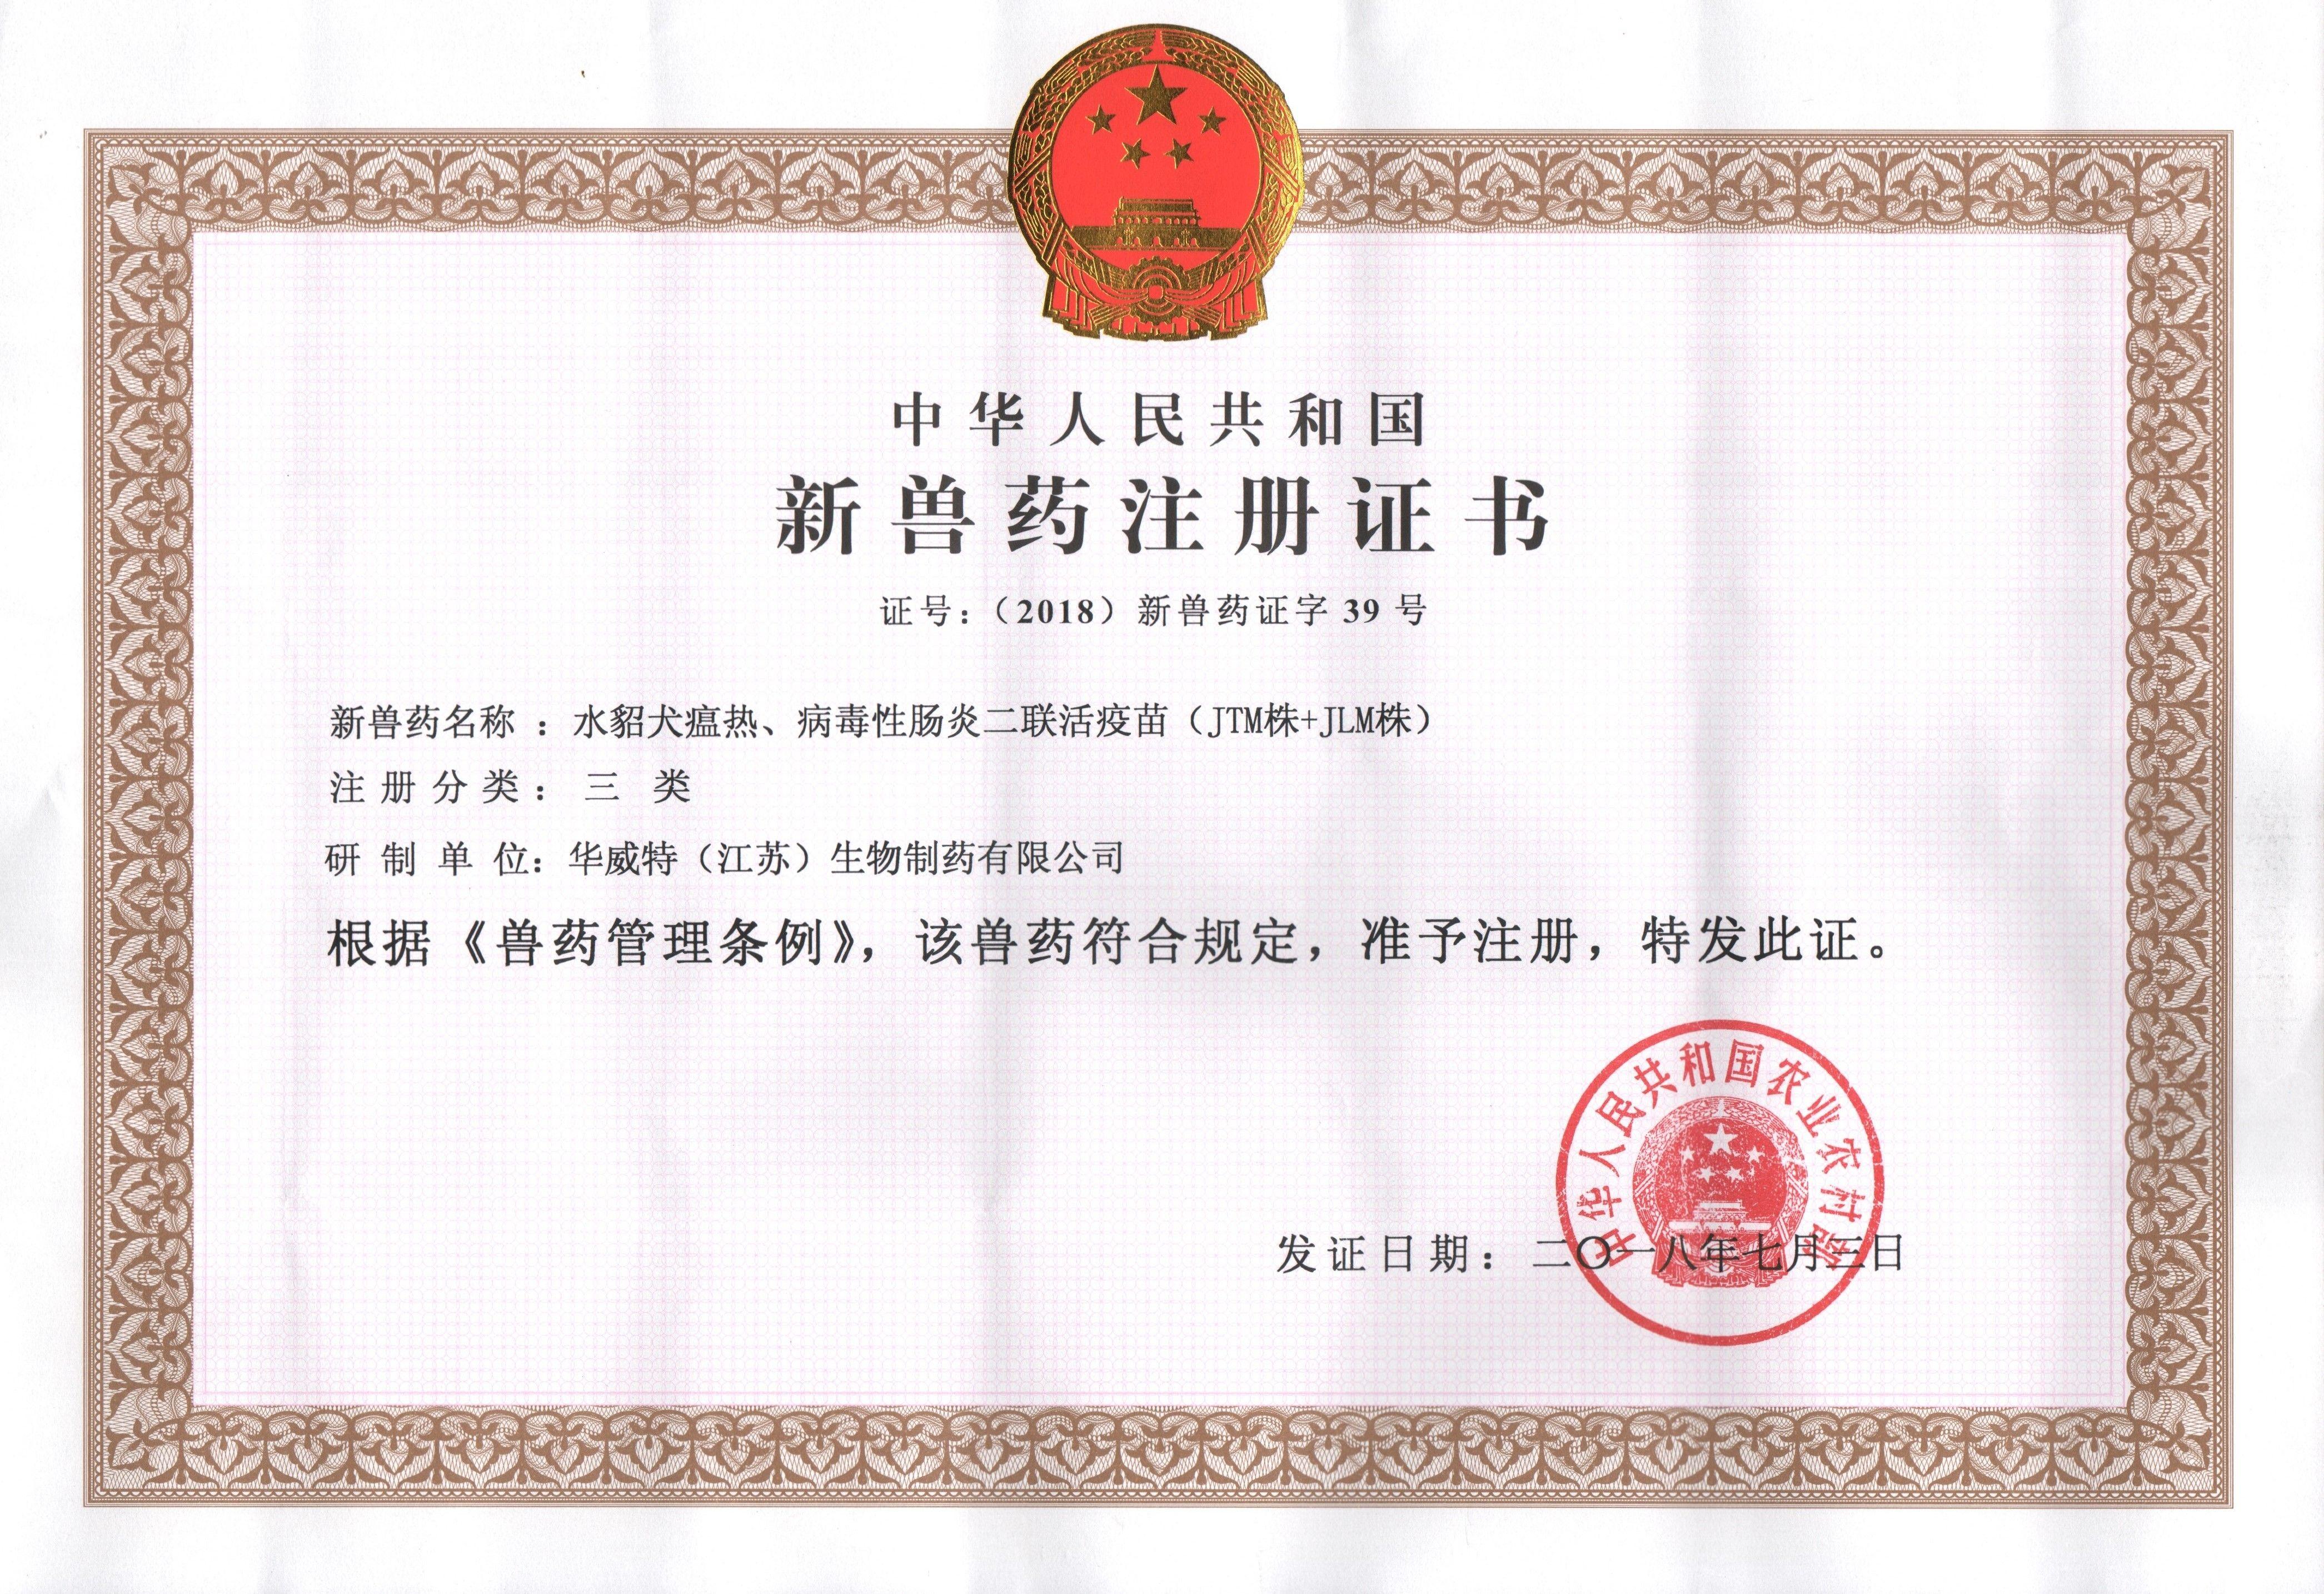 水貂犬瘟热、病毒性肠炎二联活疫苗(TJM株+JLM株)